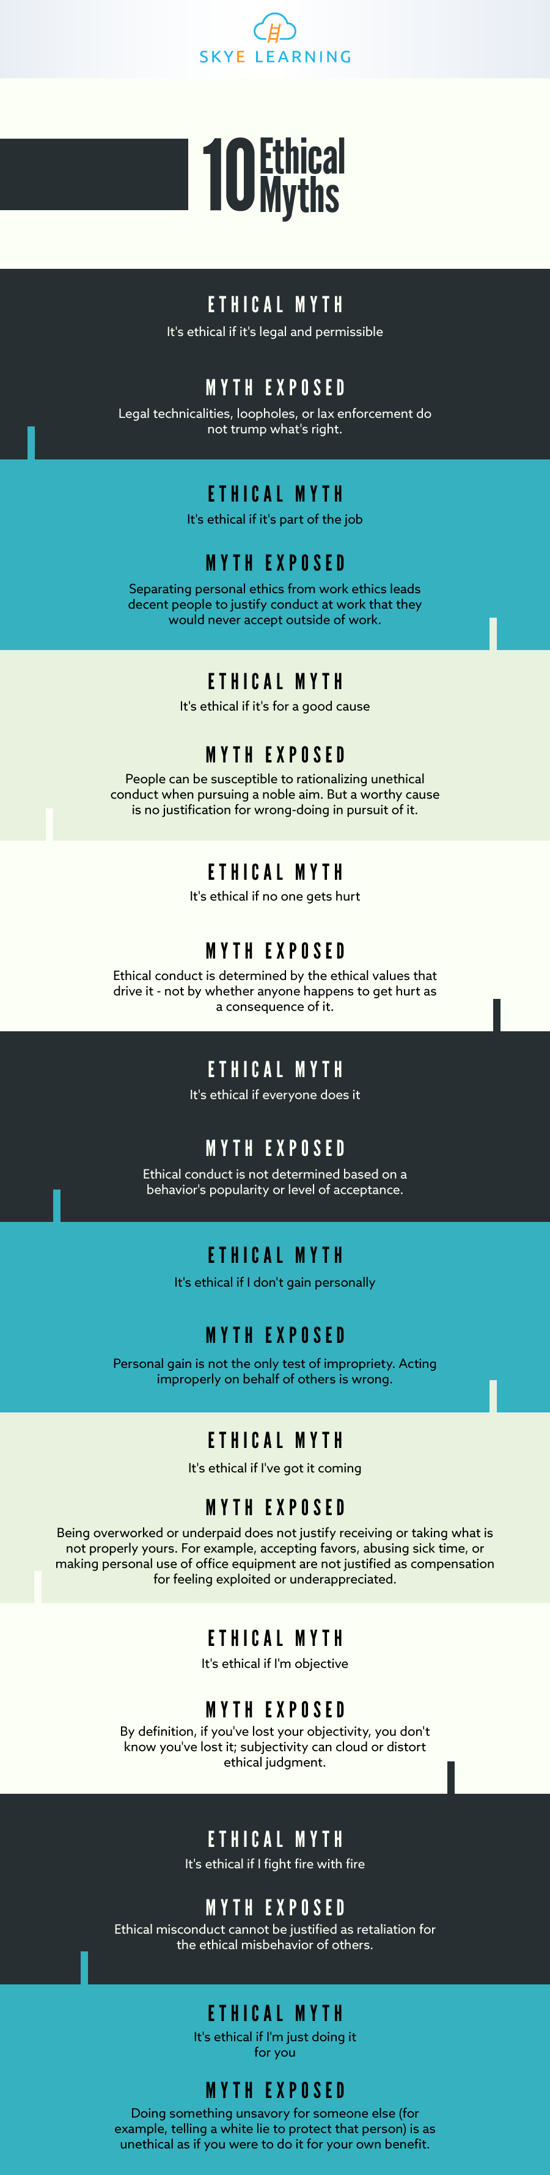 Ethical-Myths--SL-IG